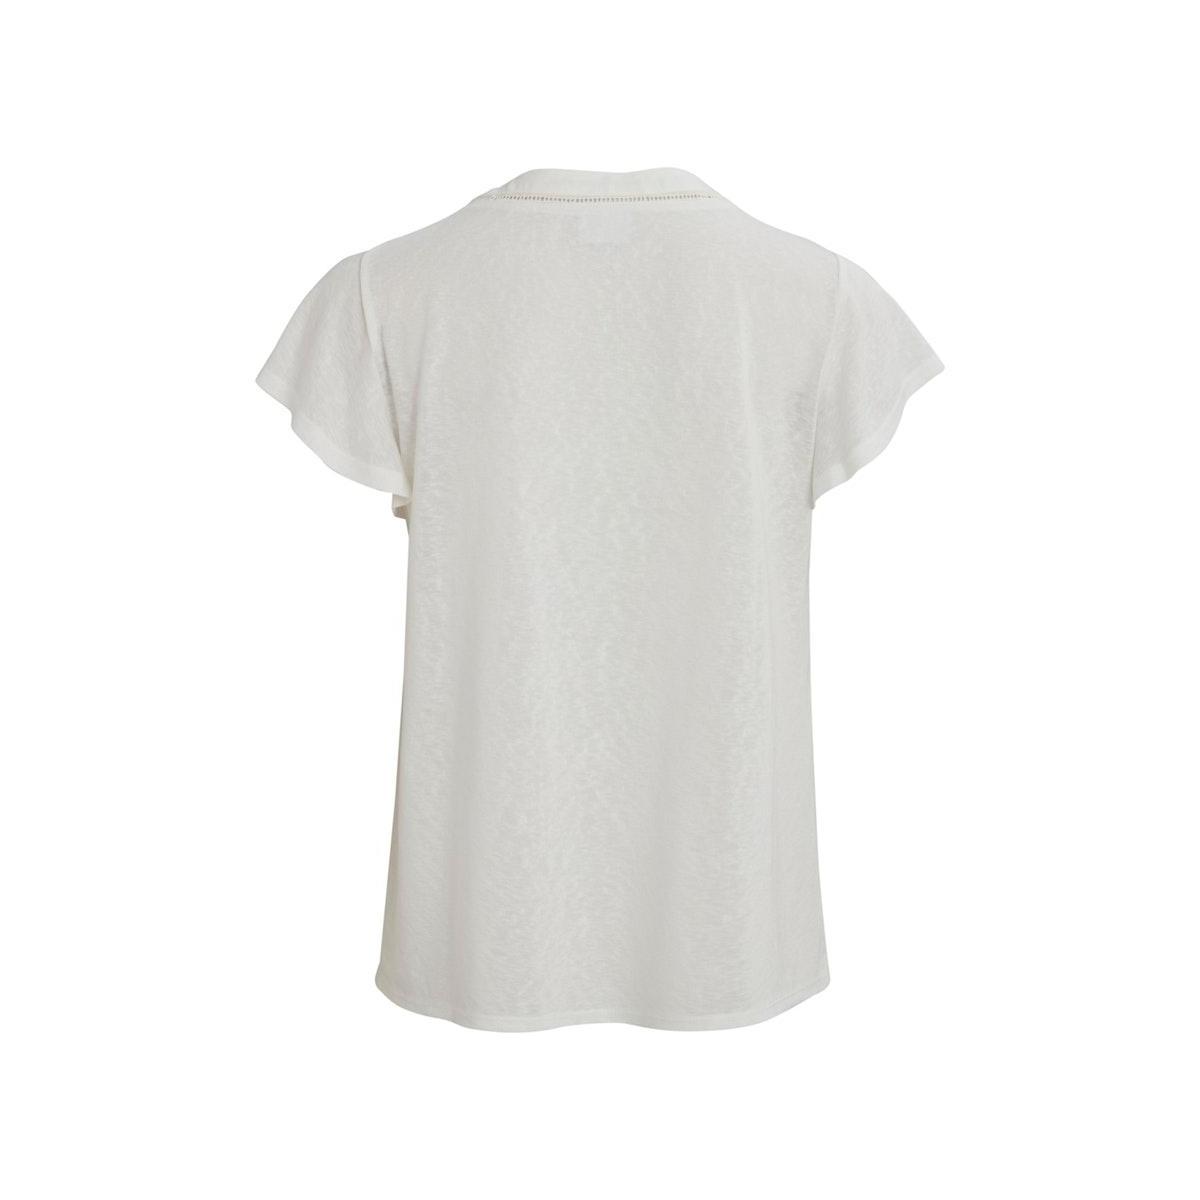 videmandi s/s t-shirt/su 14058837 vila t-shirt cloud dancer/w. light